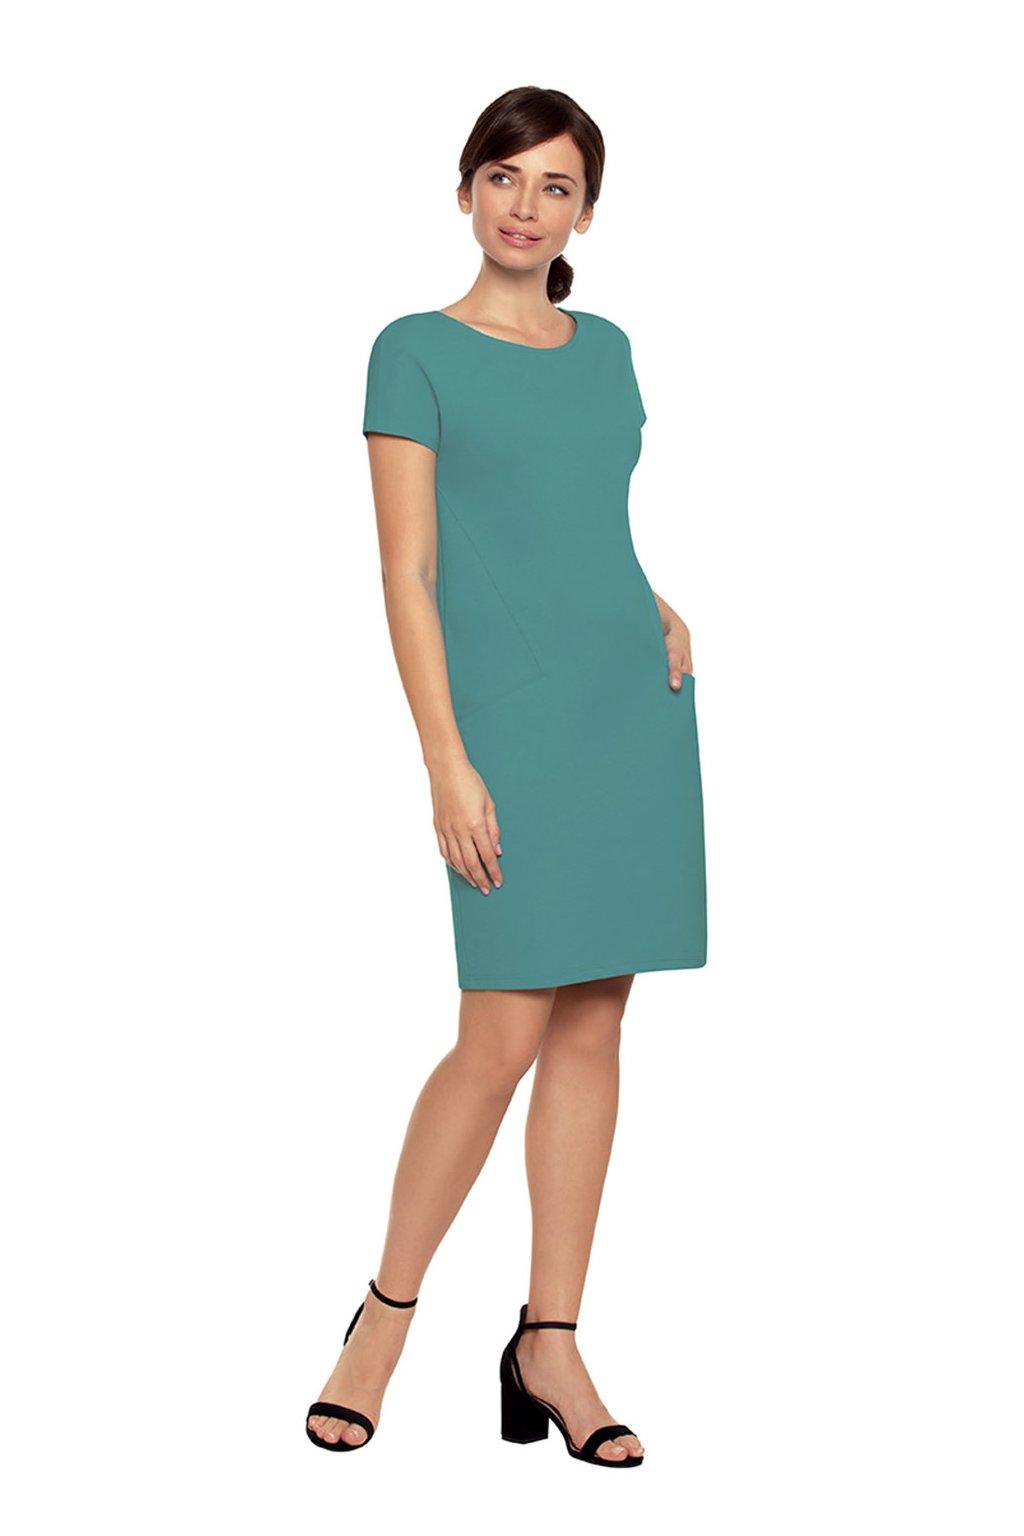 Dámské šaty s krátkým rukávem, 10524 467, modrá